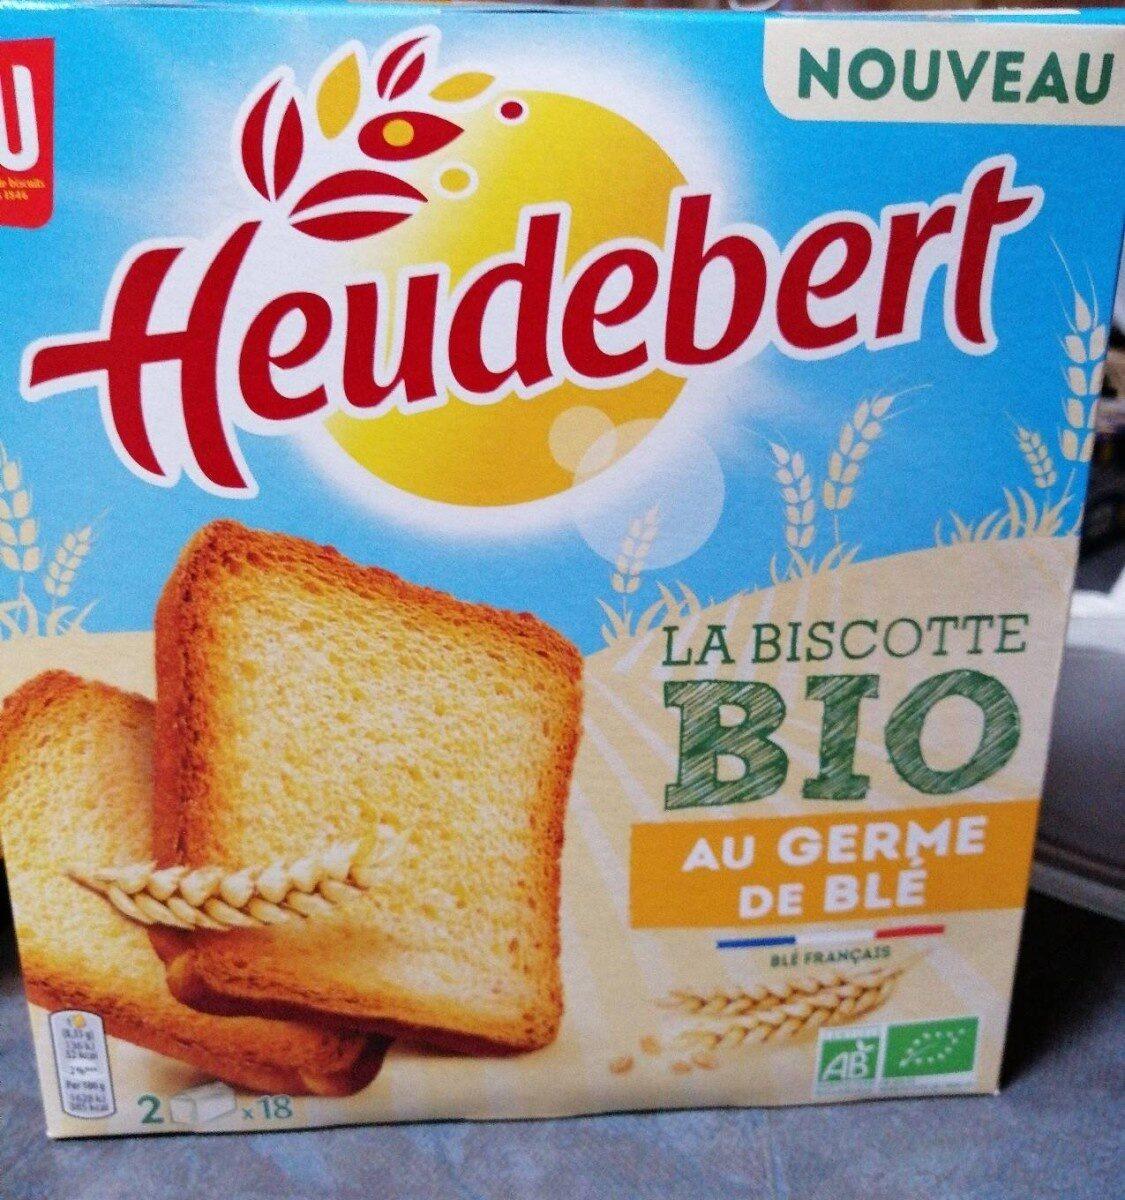 La Biscotte Bio au germé de blé - Prodotto - fr